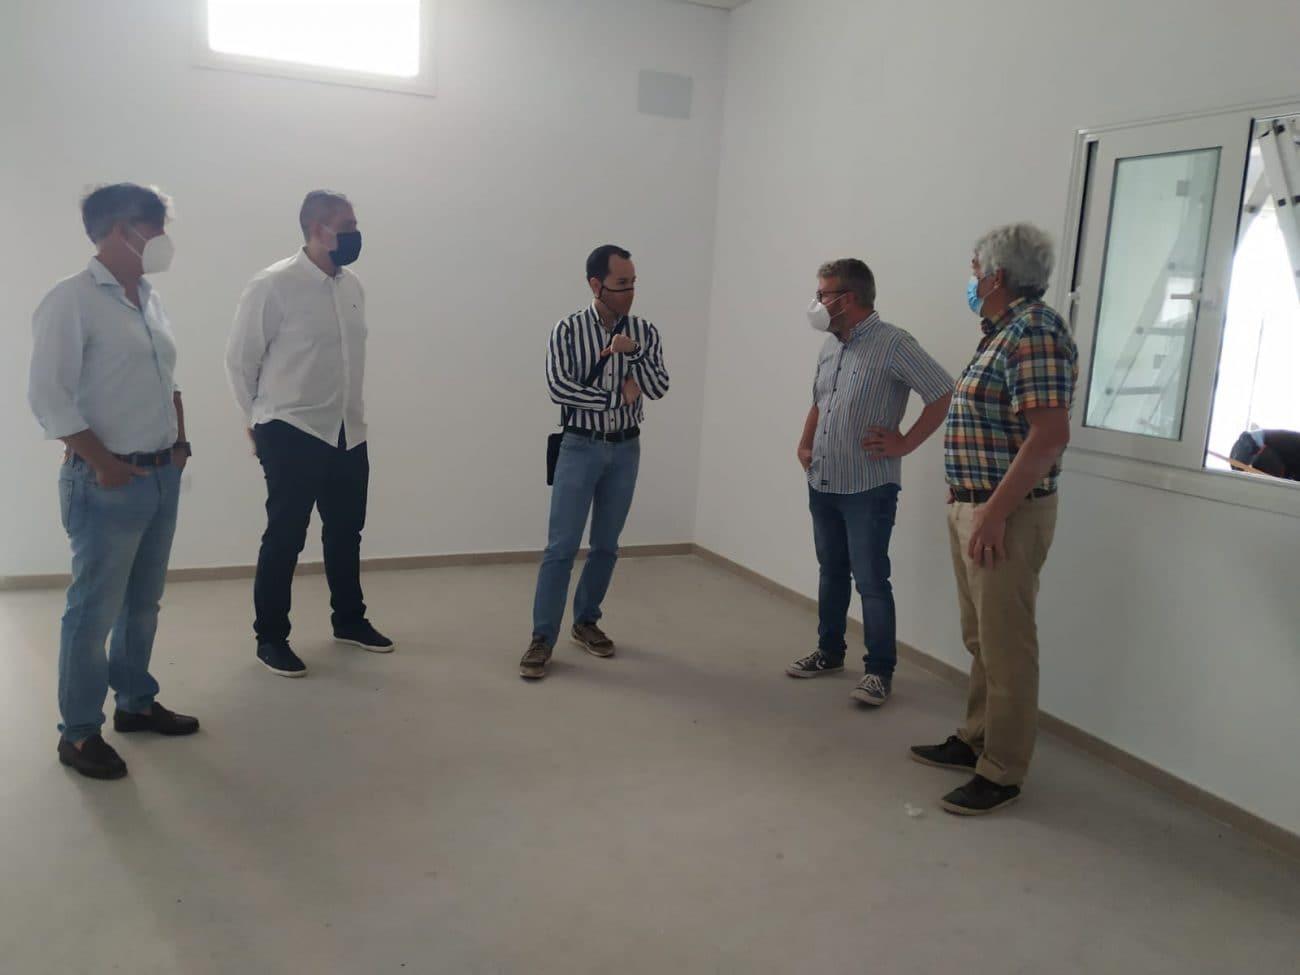 Quhesalia habitacion silo - El Centro de Interpretación del Queso herenciano abrirá en próximo año